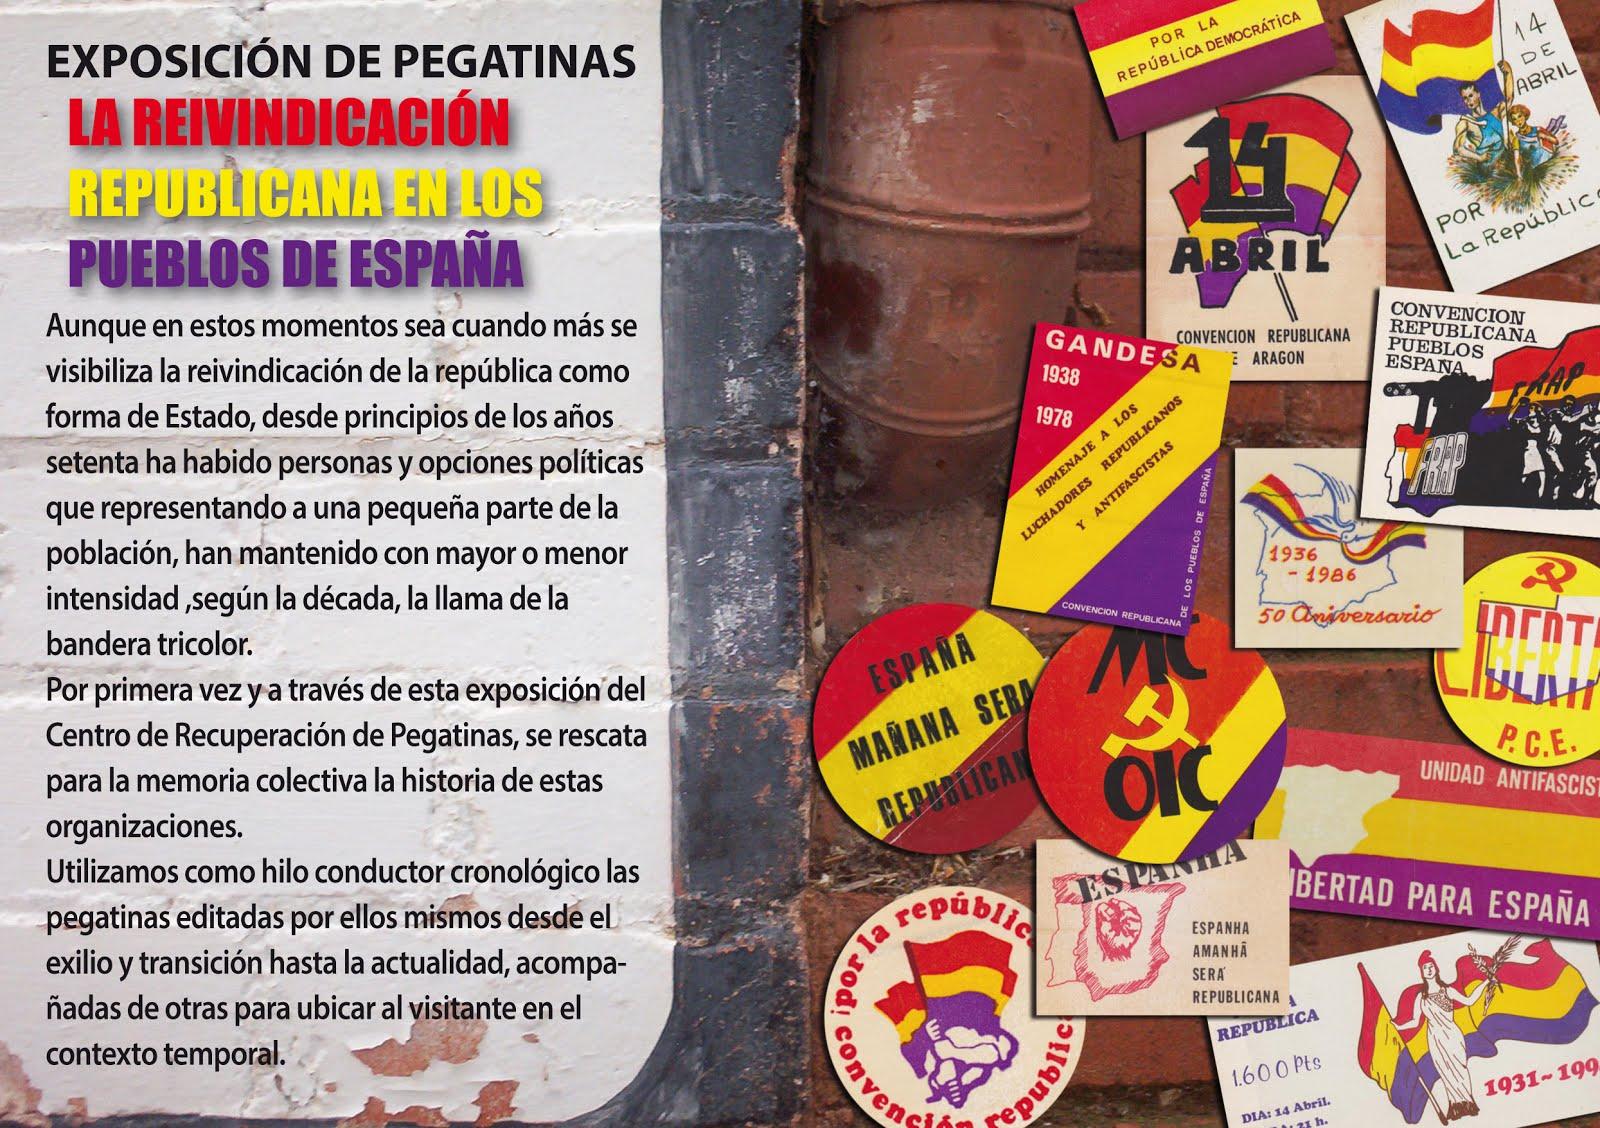 EXPOSICION DE PEGATINAS LA REIVINDICACION DE LA REPUBLICA